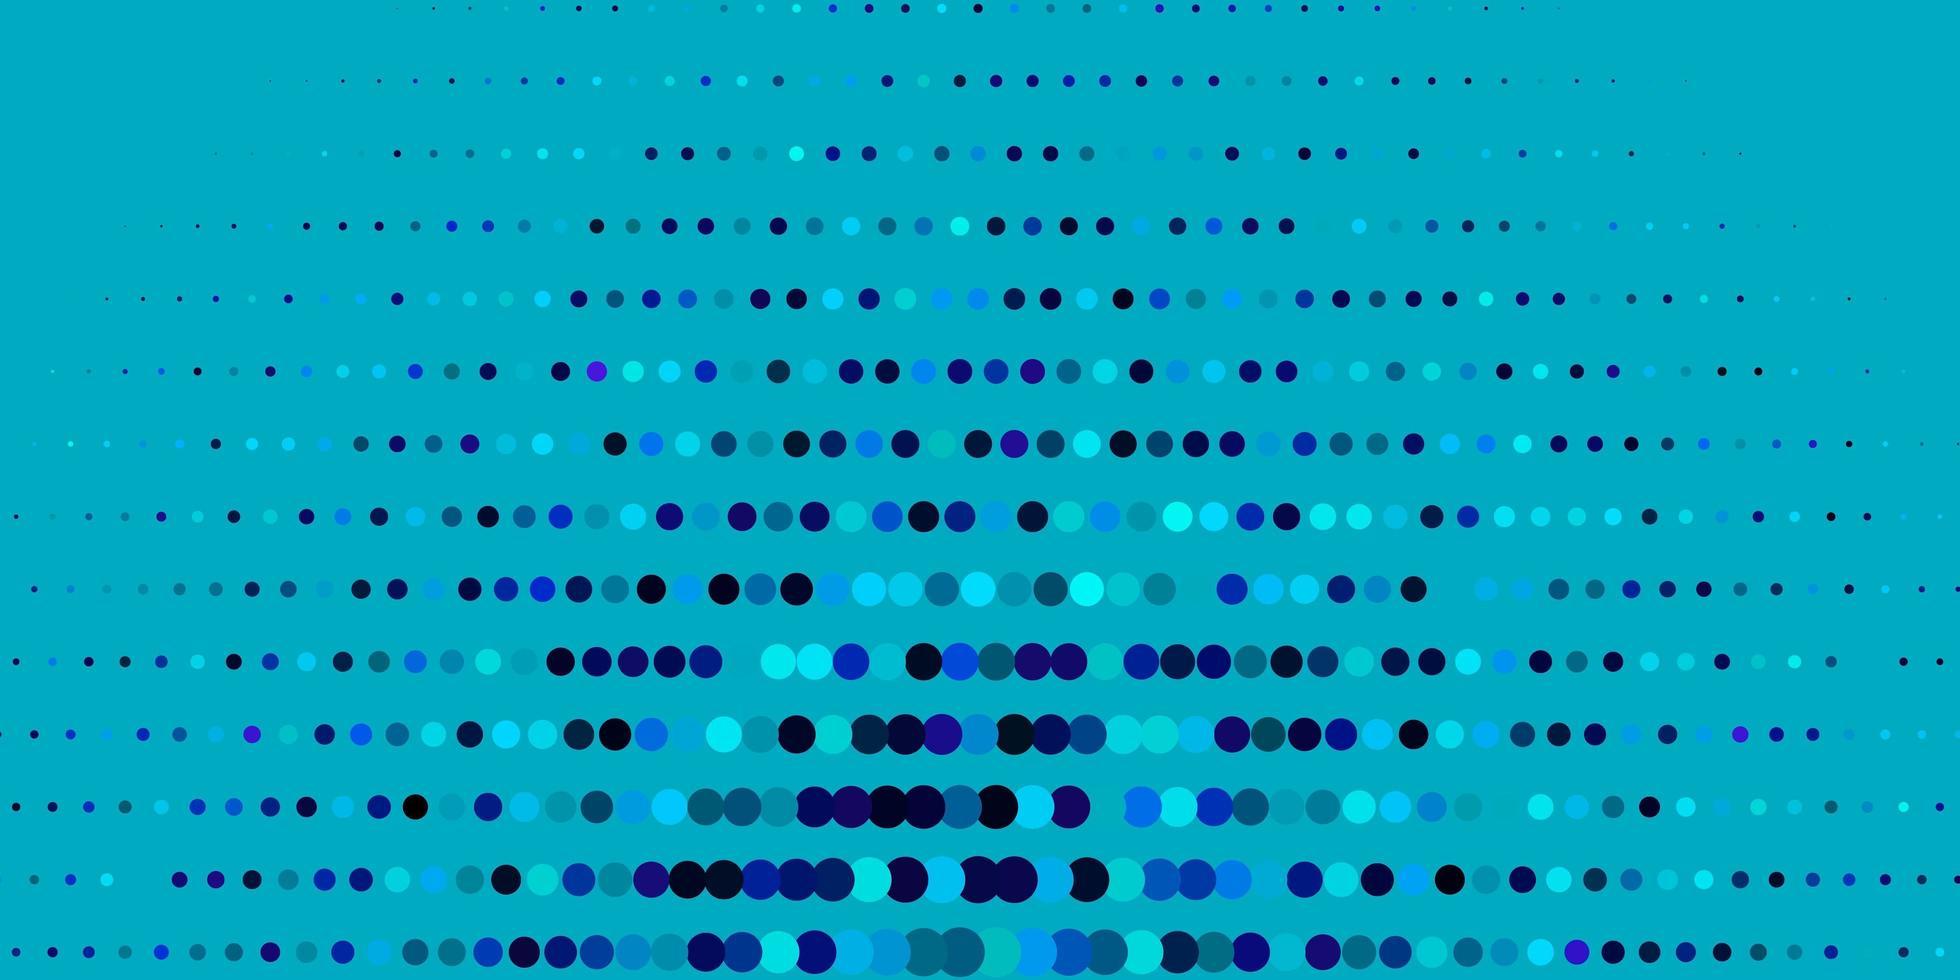 patrón de vector azul oscuro, verde con esferas.